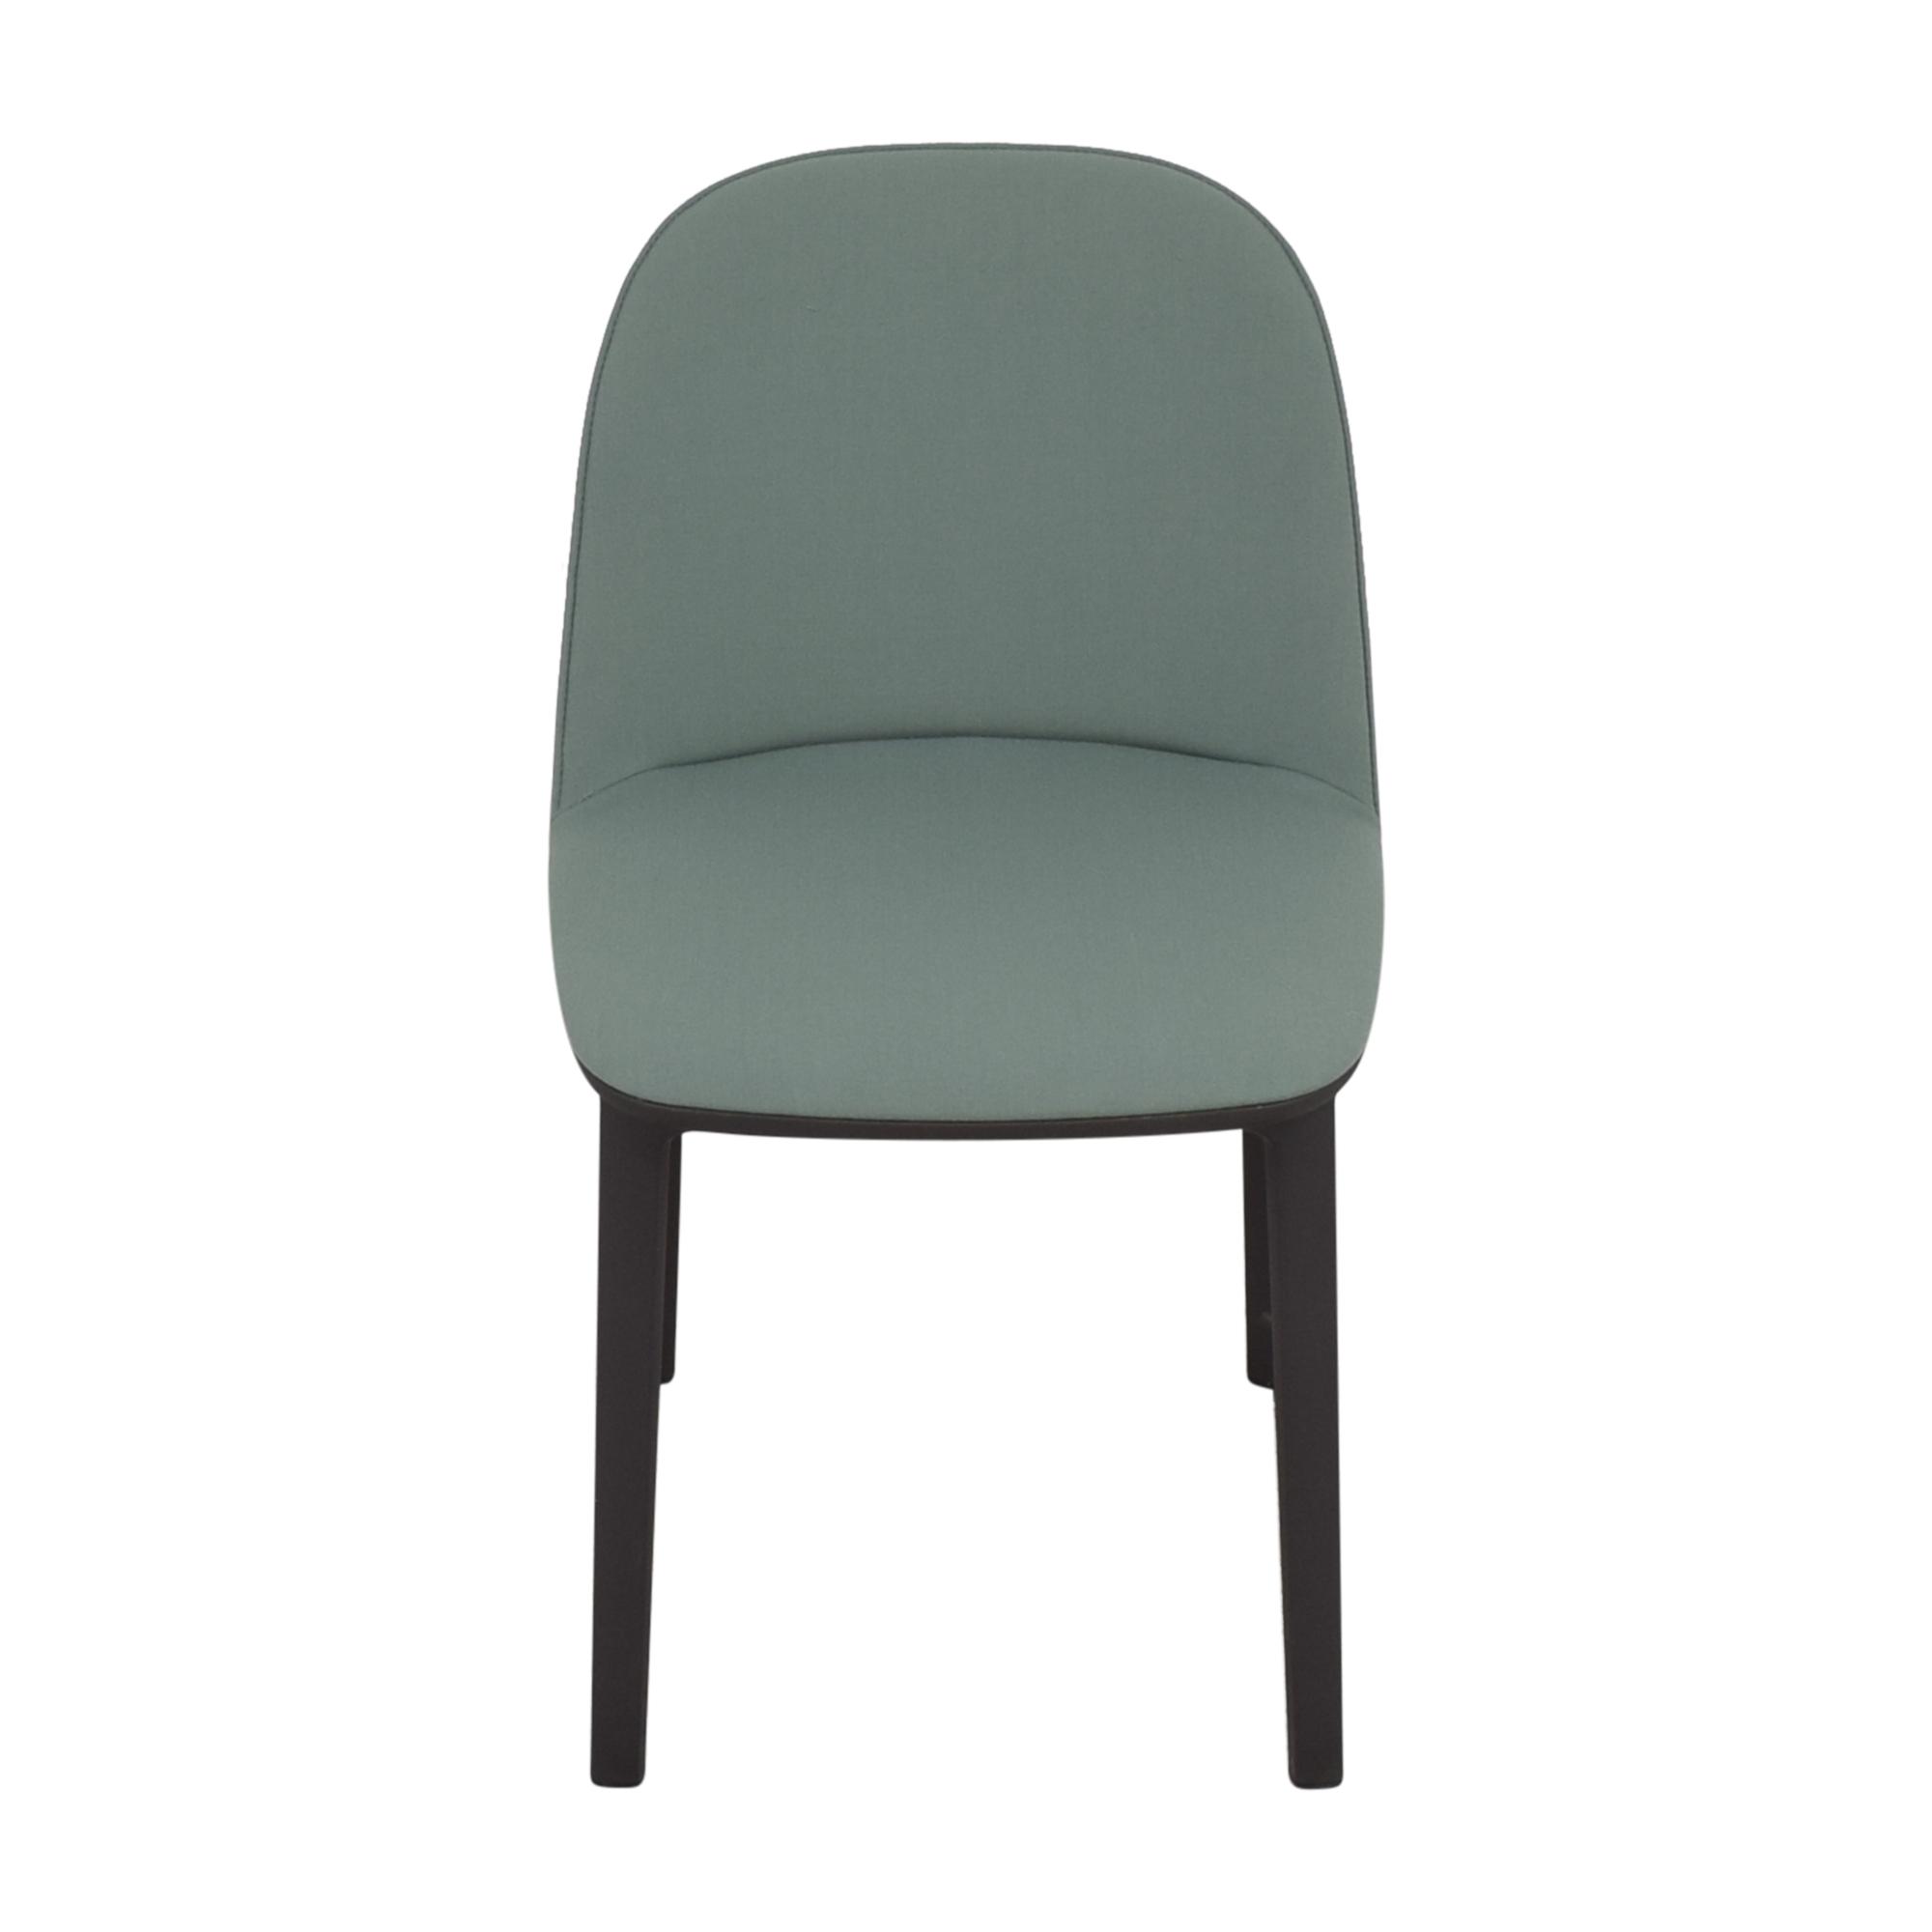 Vitra Vitra Softshell Side Chair ct